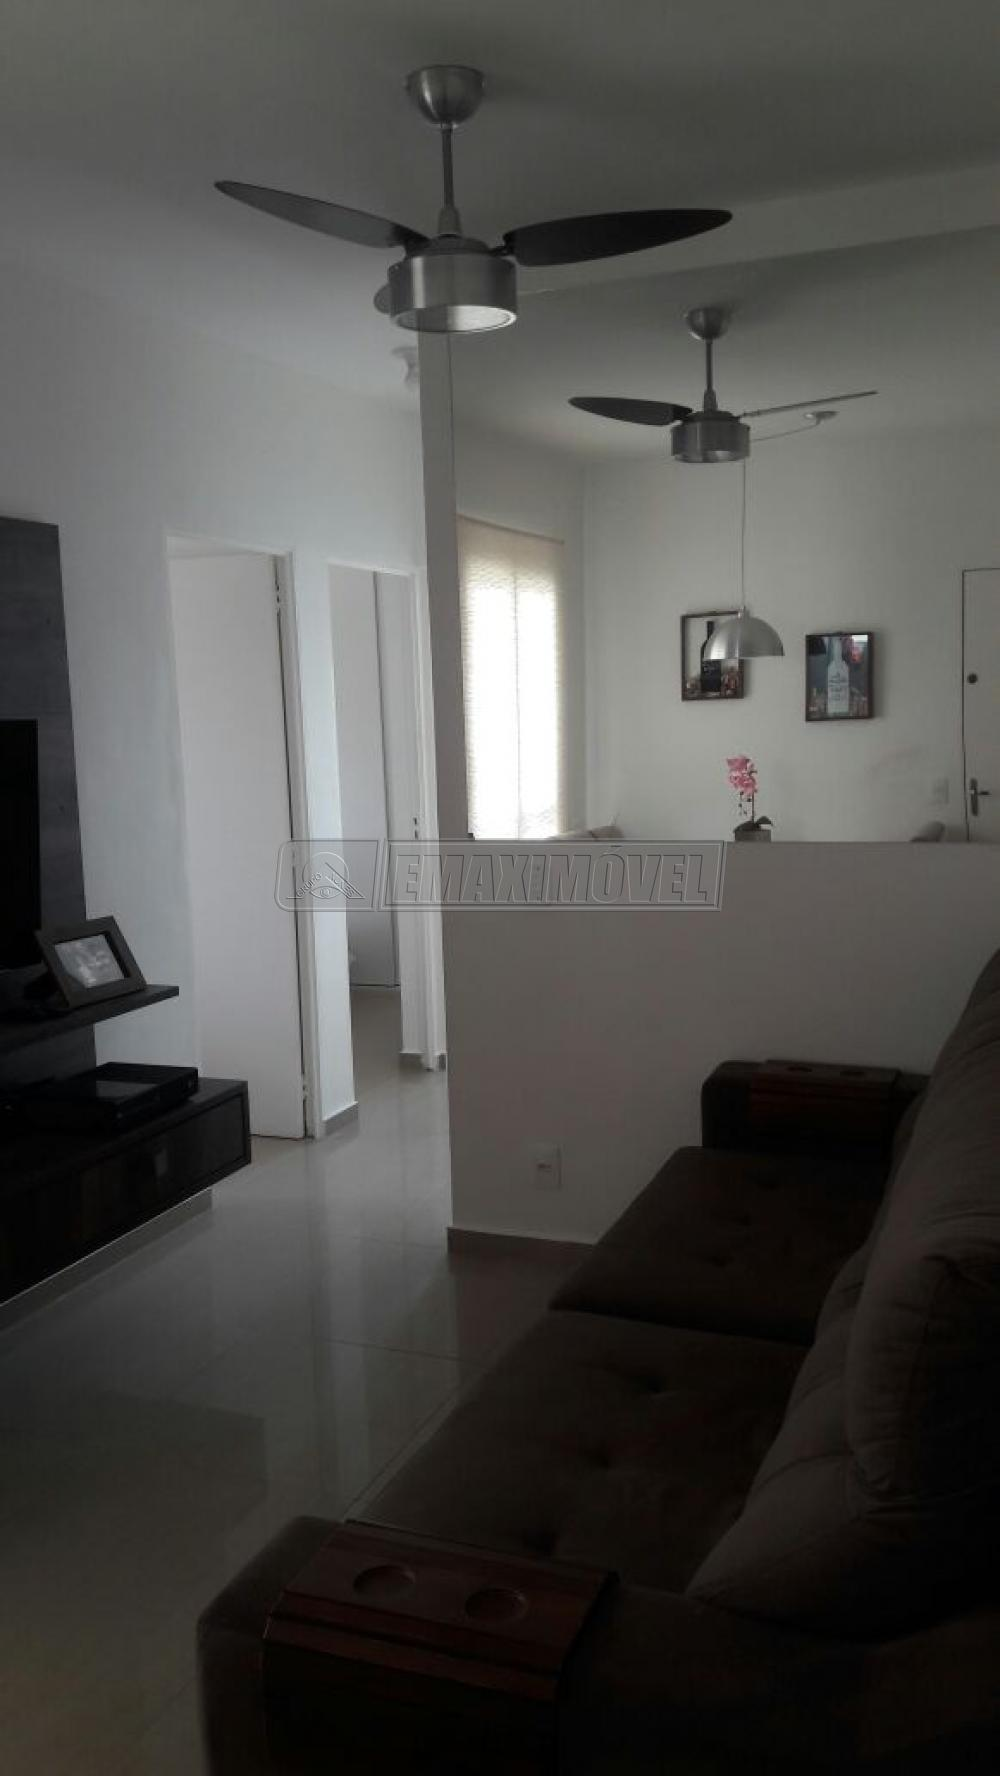 Comprar Apartamentos / Apto Padrão em Sorocaba apenas R$ 200.000,00 - Foto 10